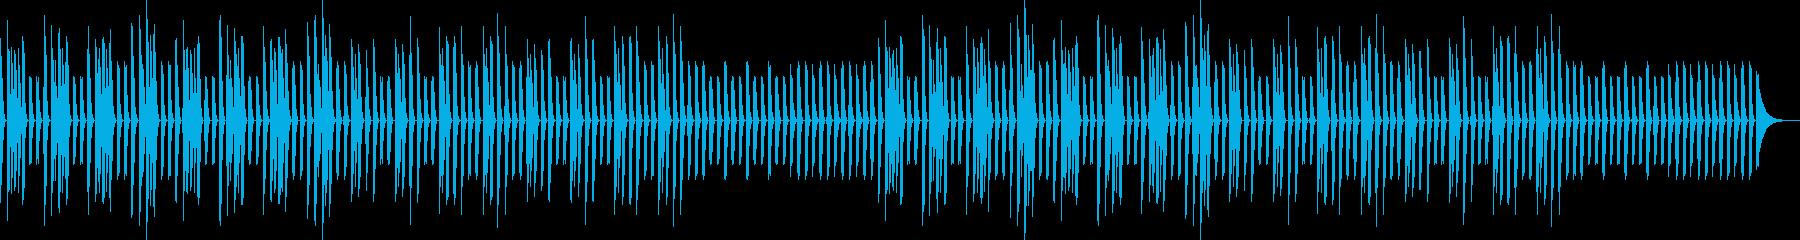 ピアノソロ・日常・トーク・会話の再生済みの波形